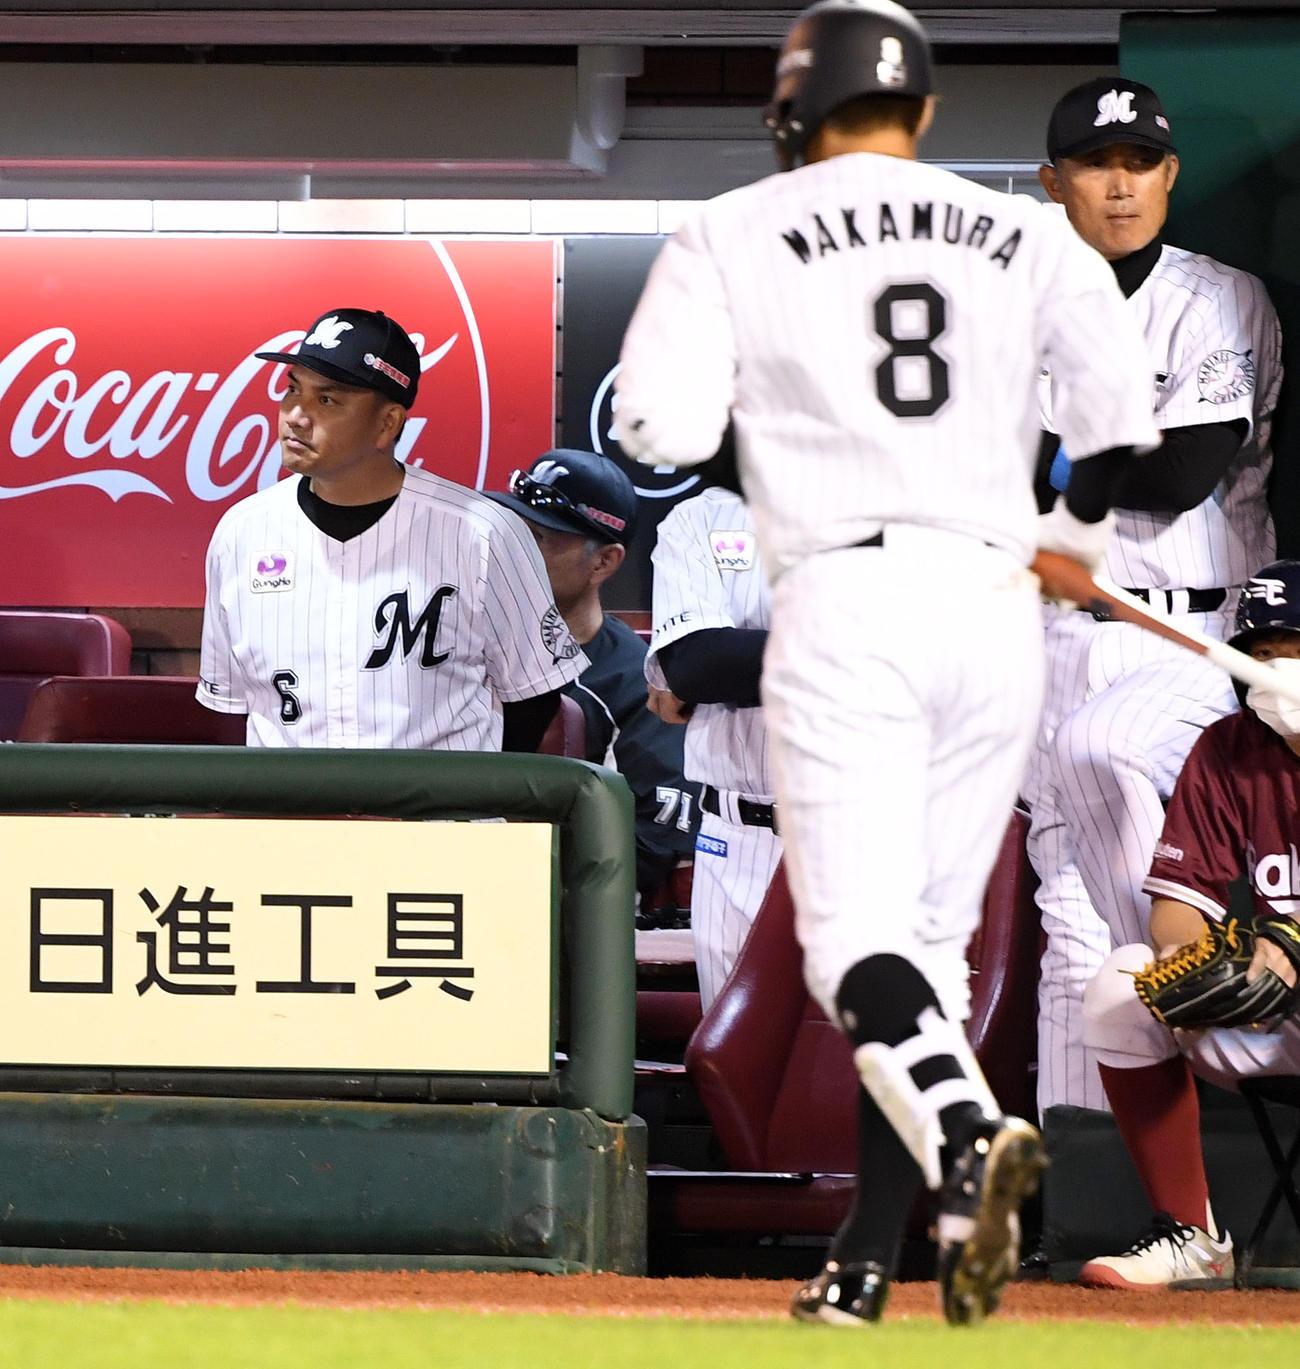 楽天対ロッテ 厳しい表情で試合を見つめるロッテ井口監督(左)(撮影・横山健太)